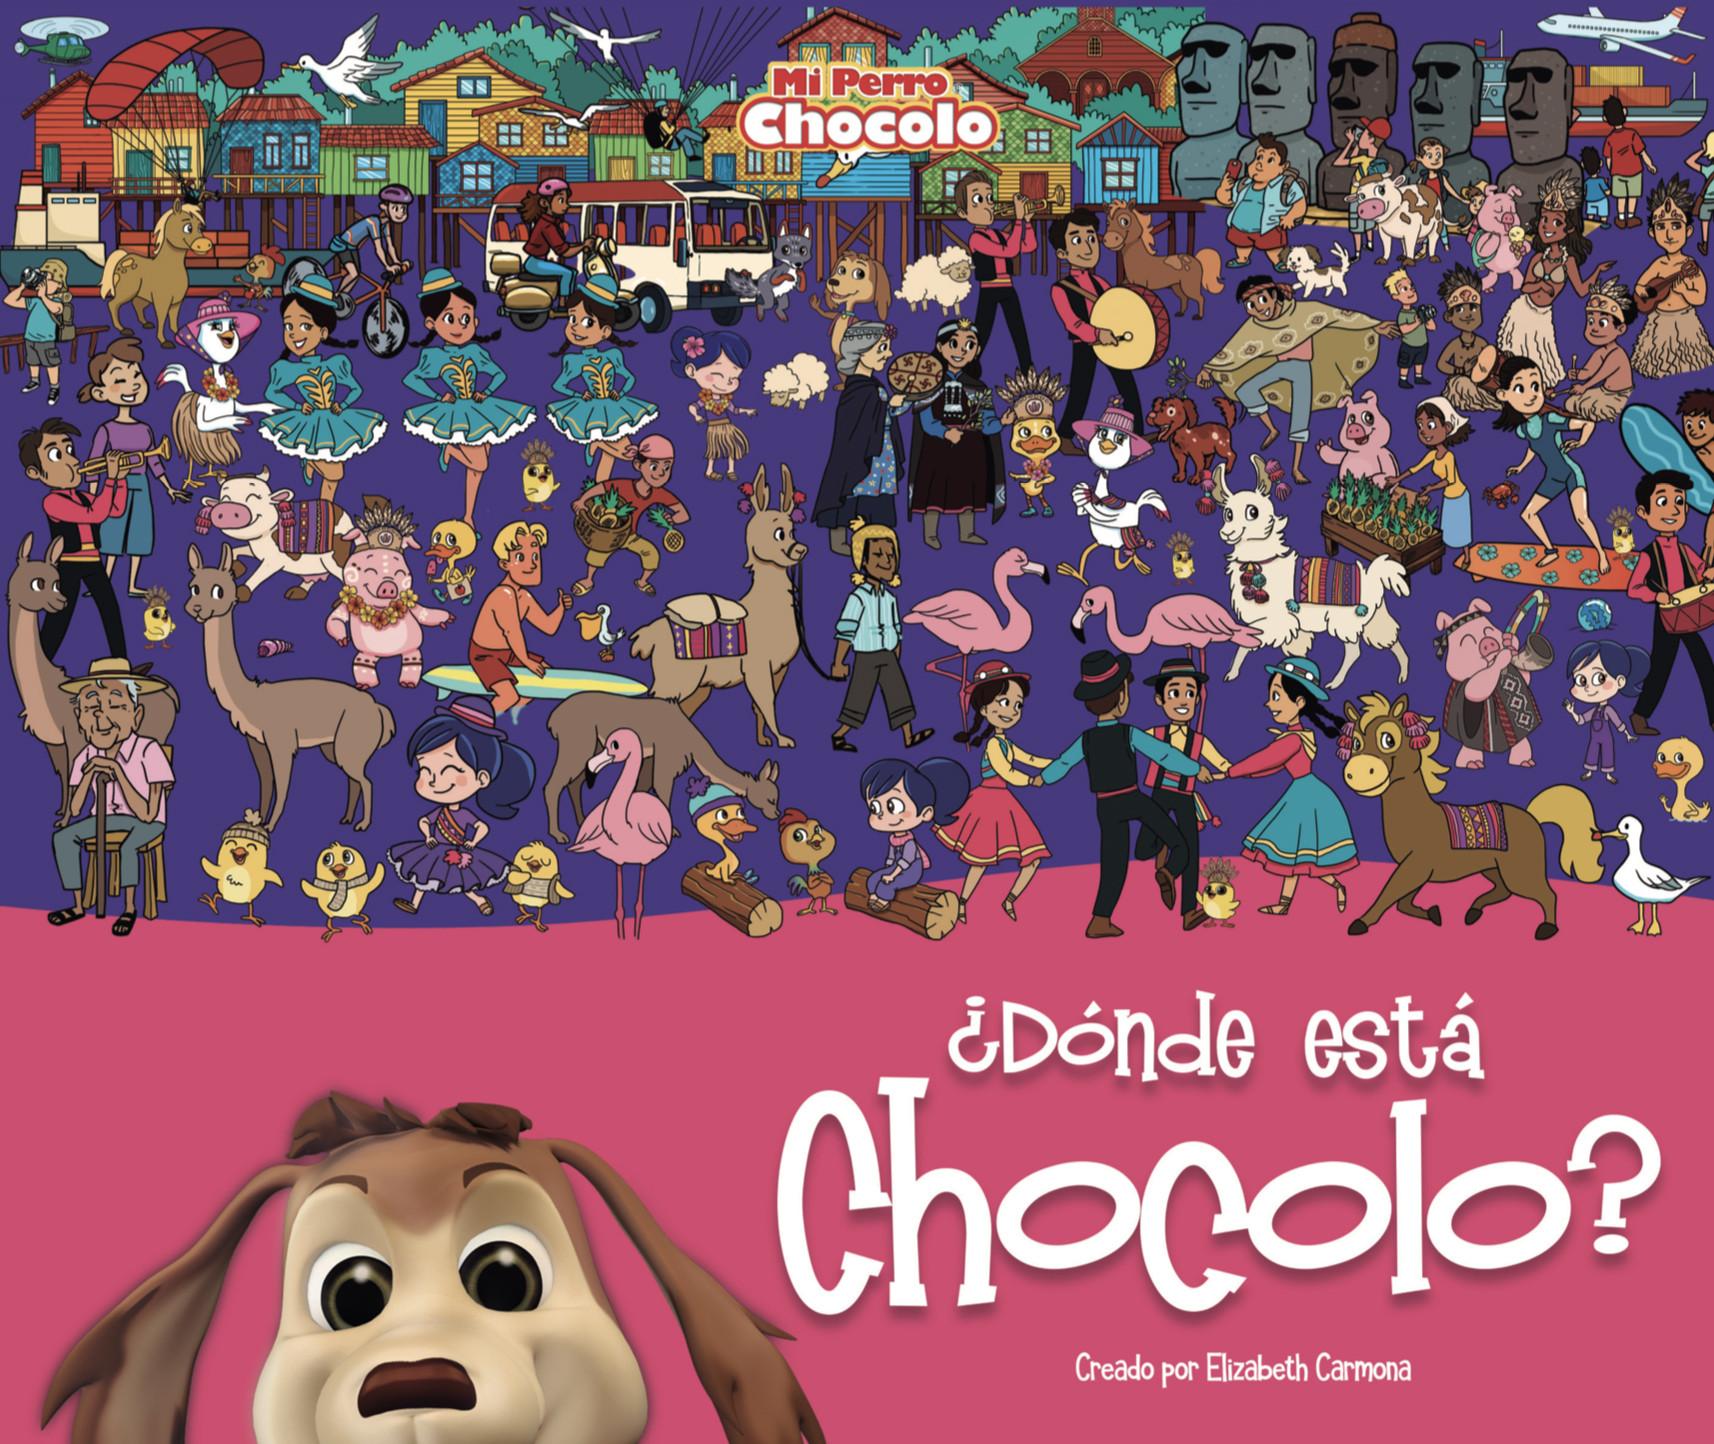 ¿Dónde esta Chocolo?